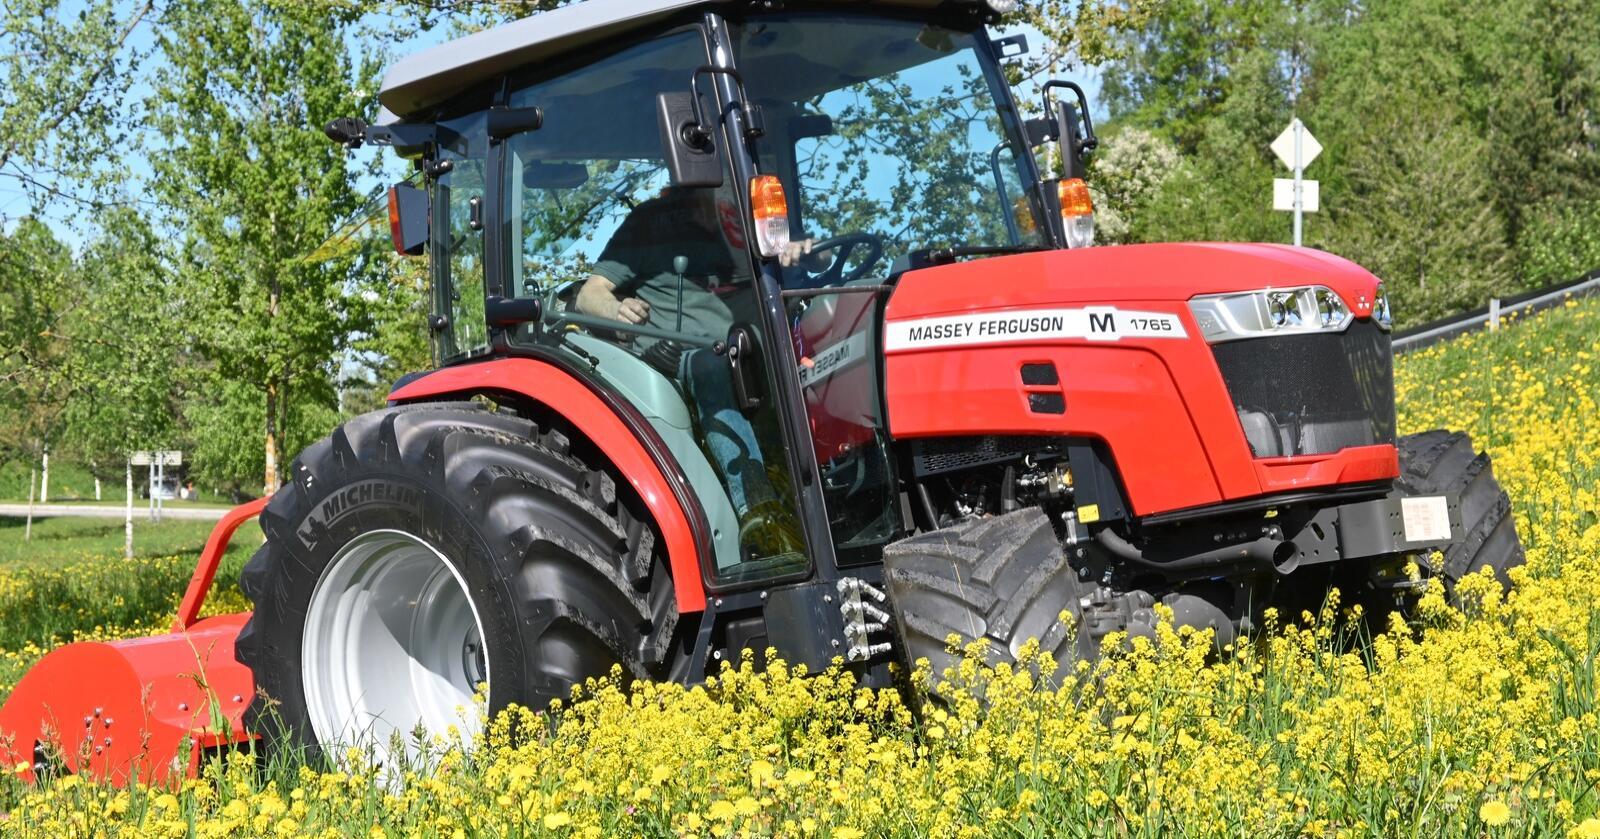 Bærekraftig: Med en vekt på bare 2 440 kilo og dekk med bredde på 600 millimeter bak og 420 millimeter foran, er dette traktoren for bæresvak mark.